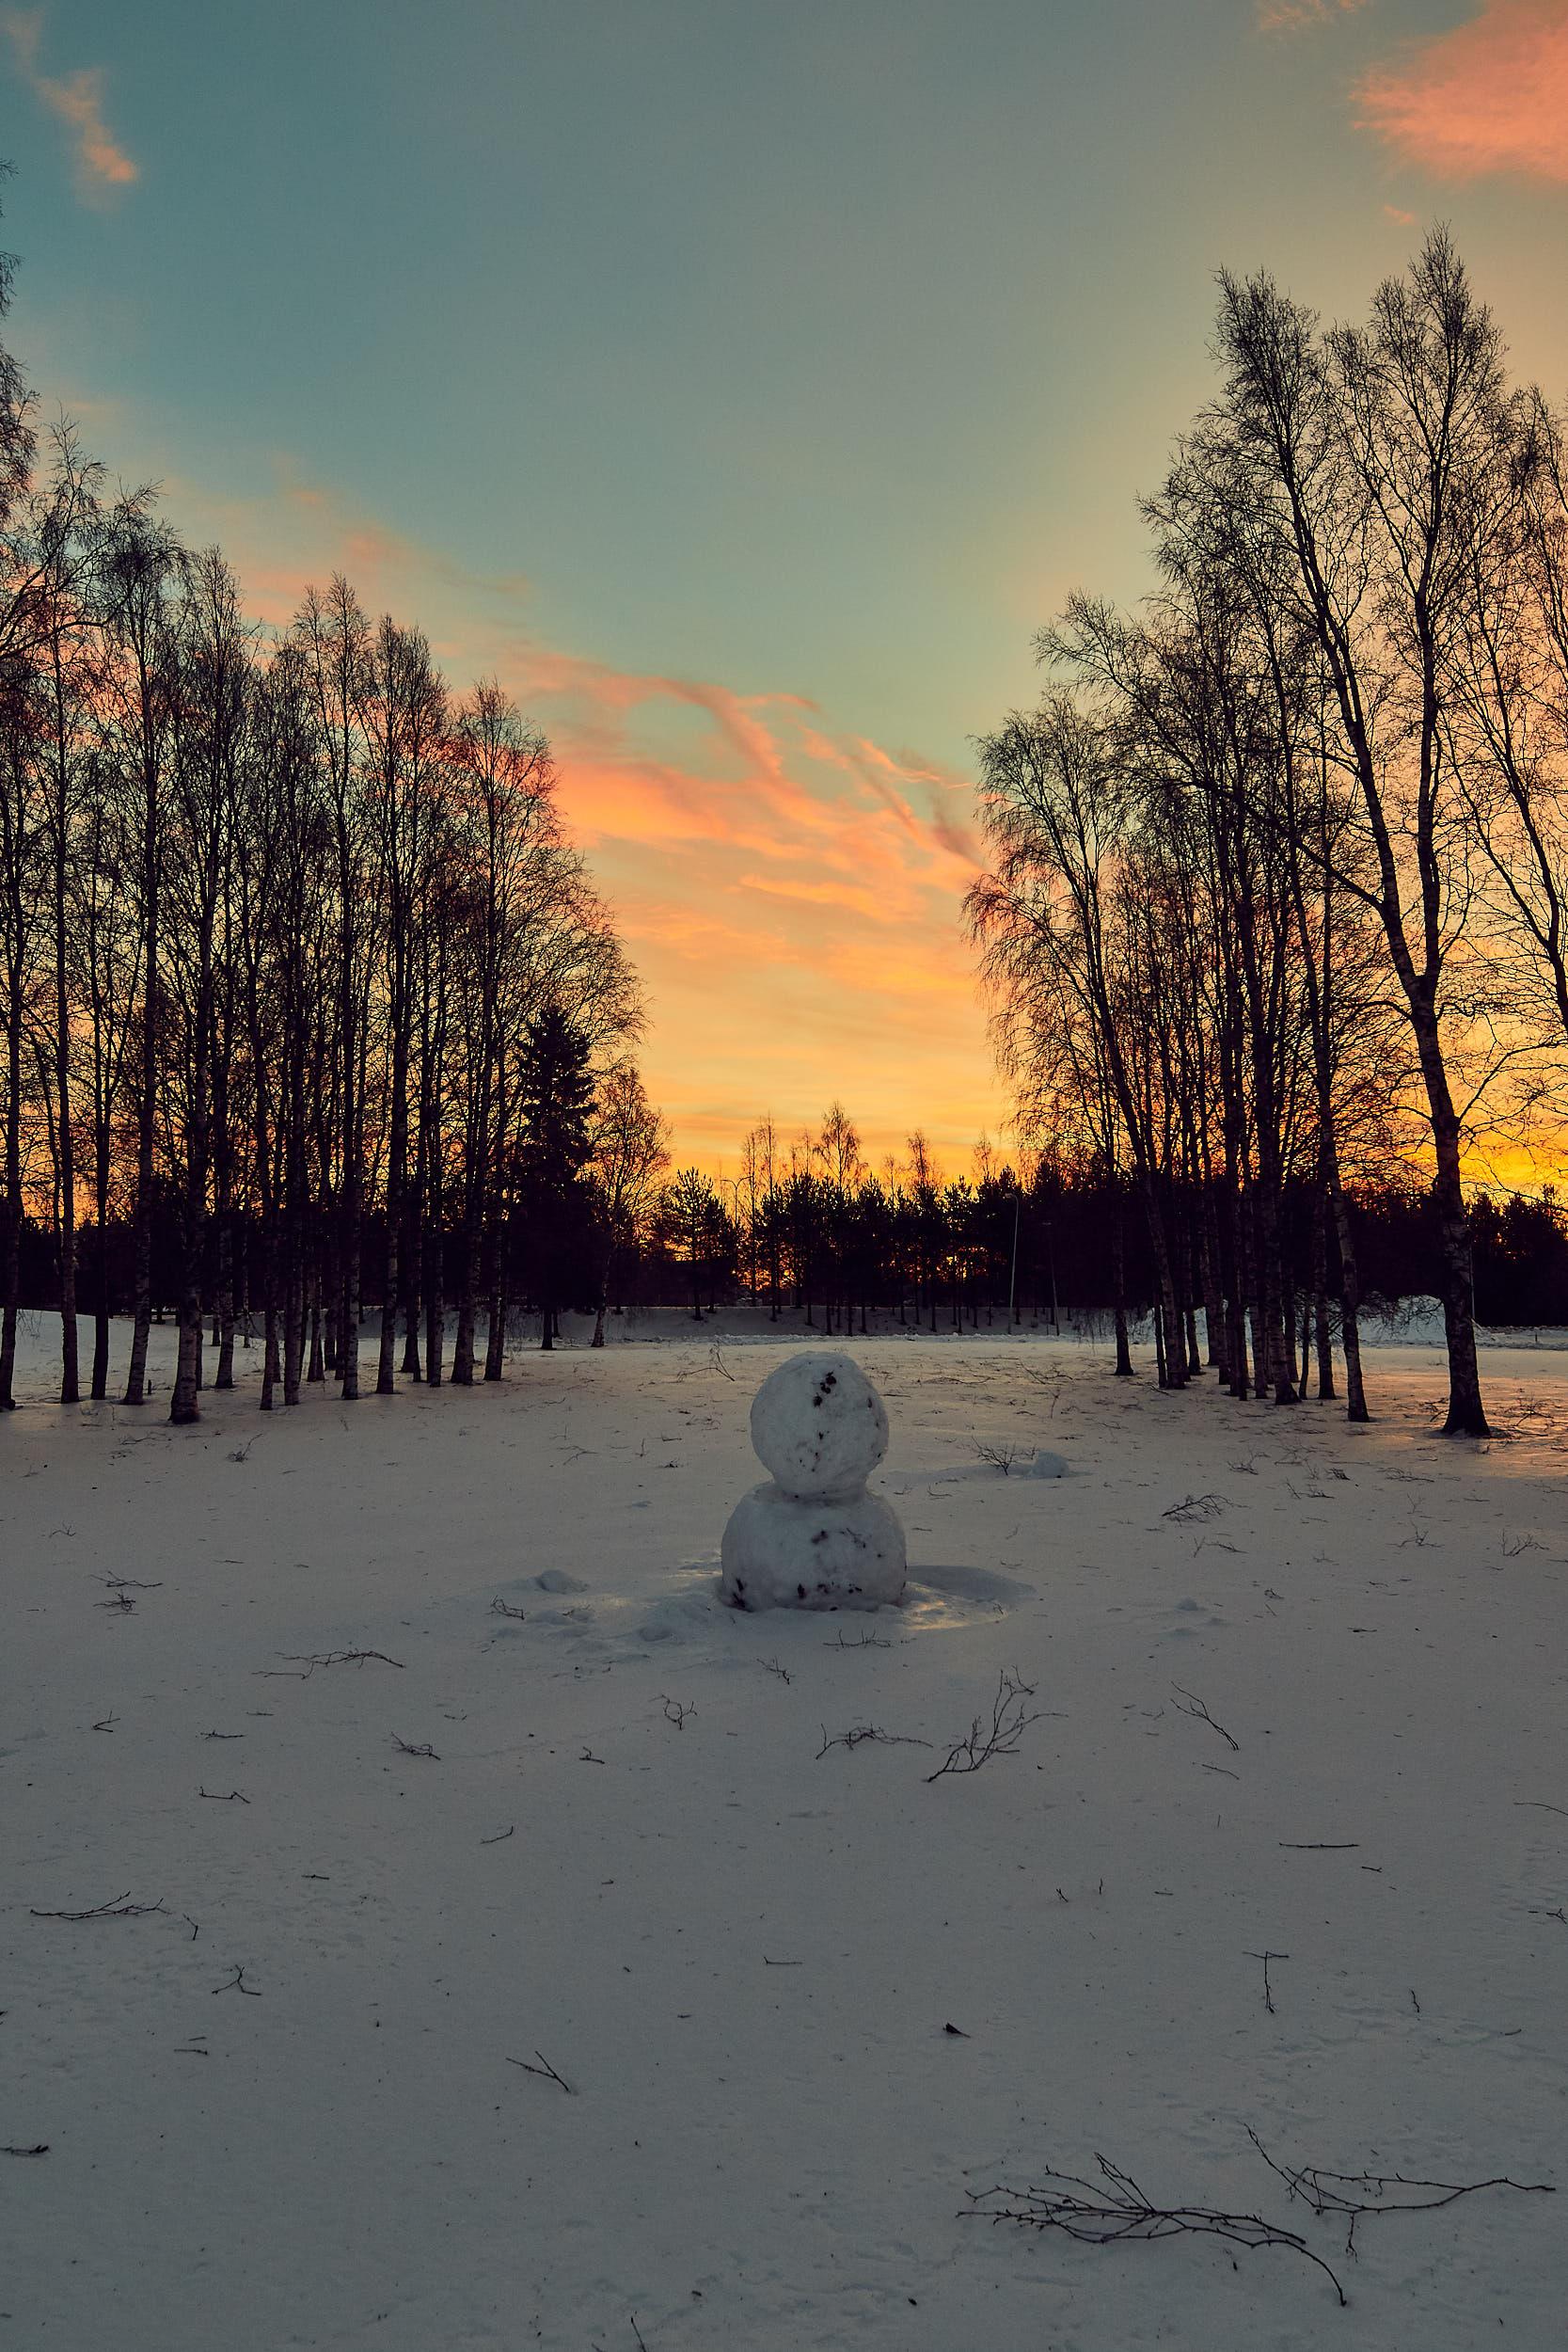 15 mm - 2019-01-13 09.48.41 - Oulu Week 2 Mix.jpg